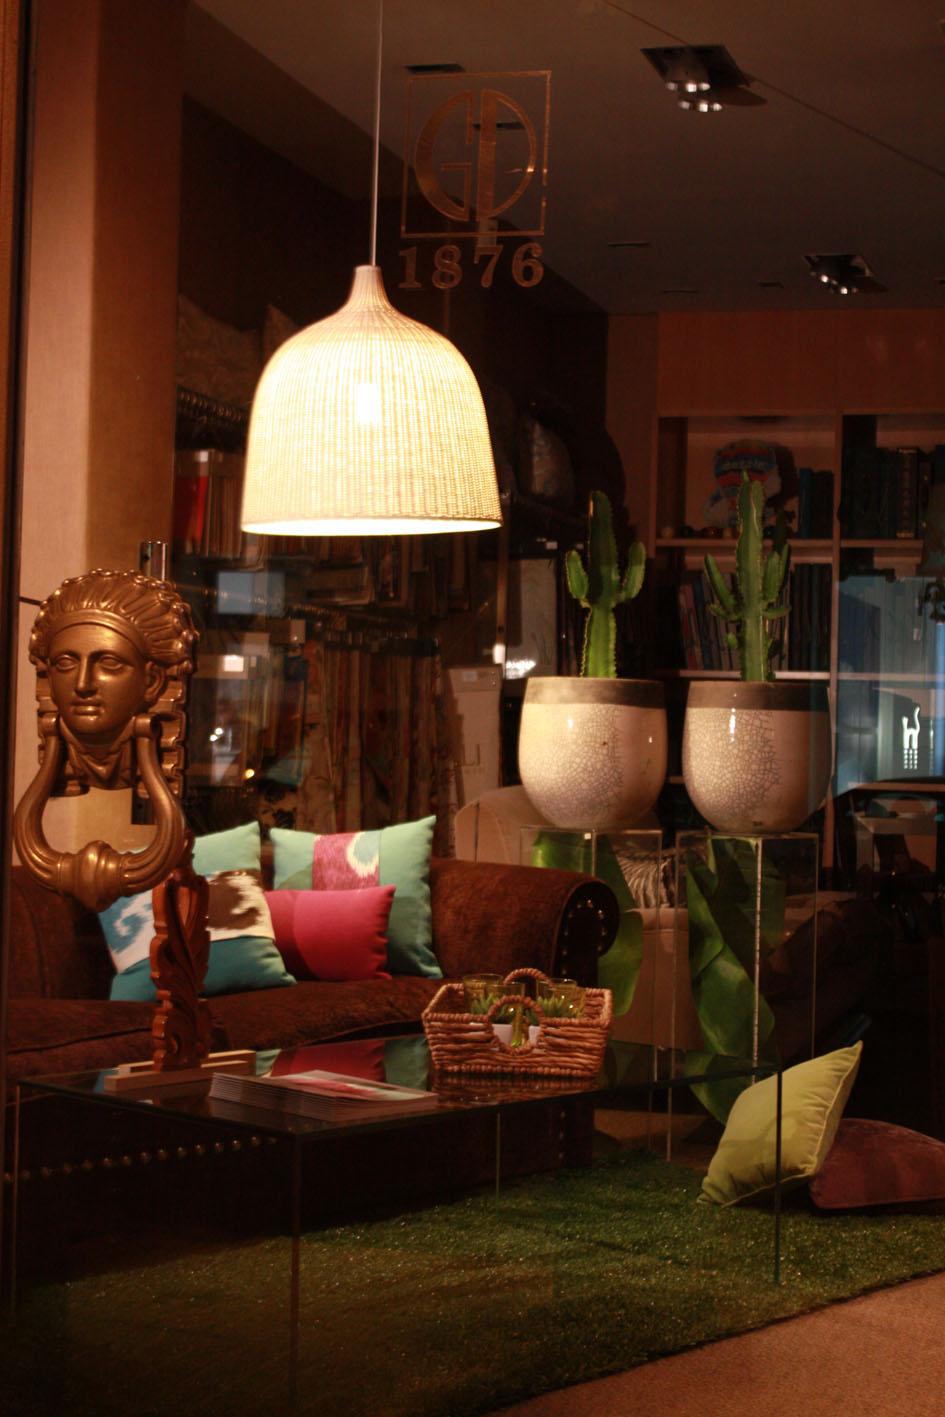 Whiteglovethief gast n y daniela primavera 2011 - Gaston y daniela barcelona ...